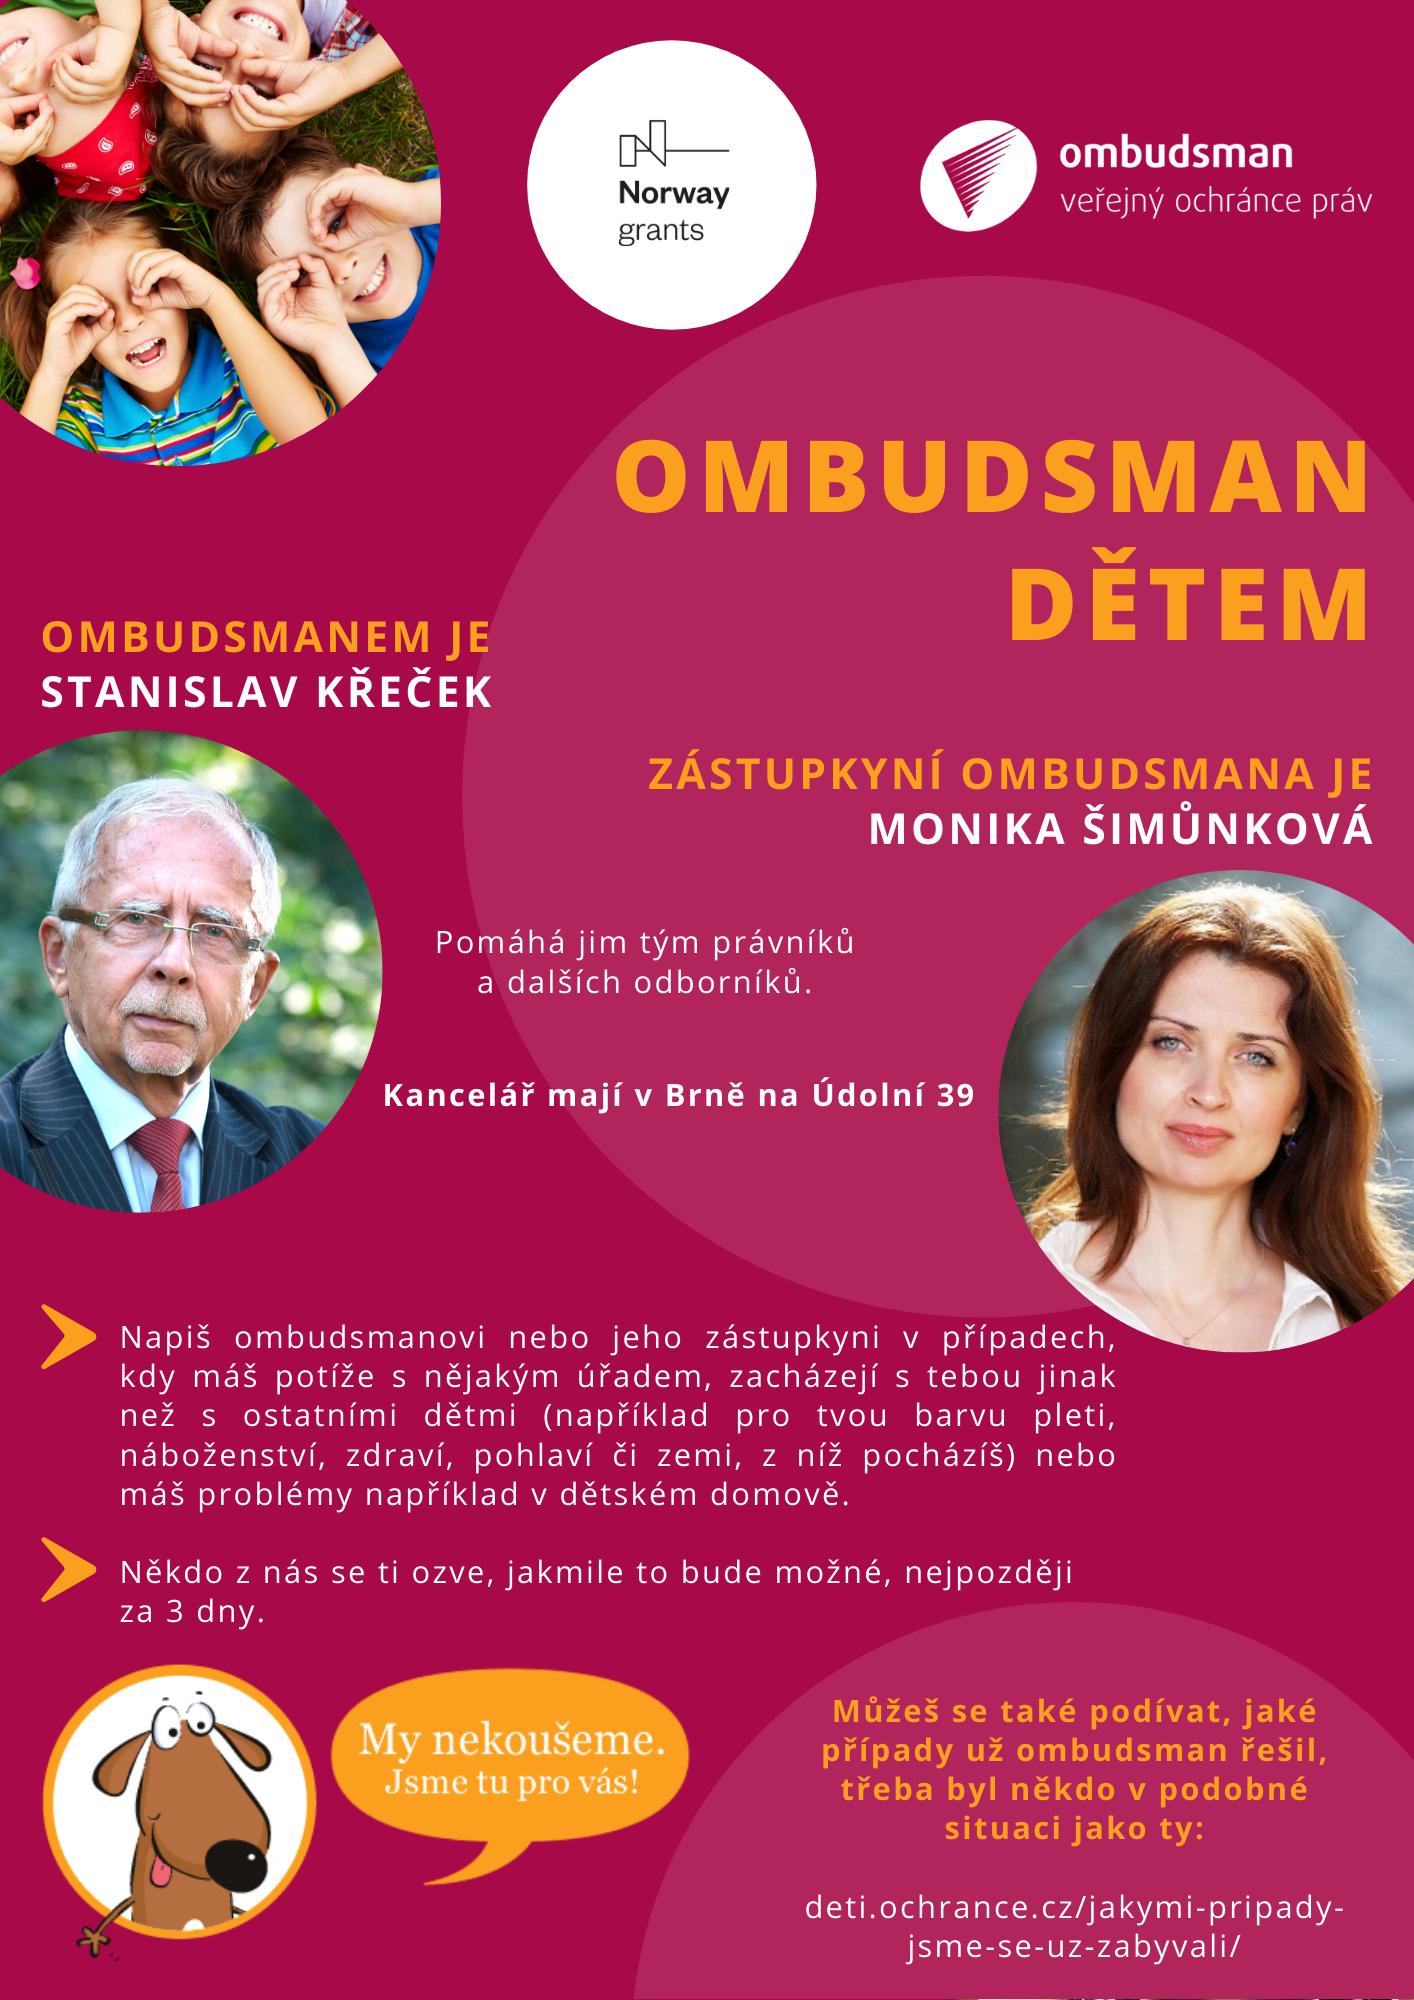 Působnost veřejného ochránce práv - kontaktní údaje na dětského ombudsmana